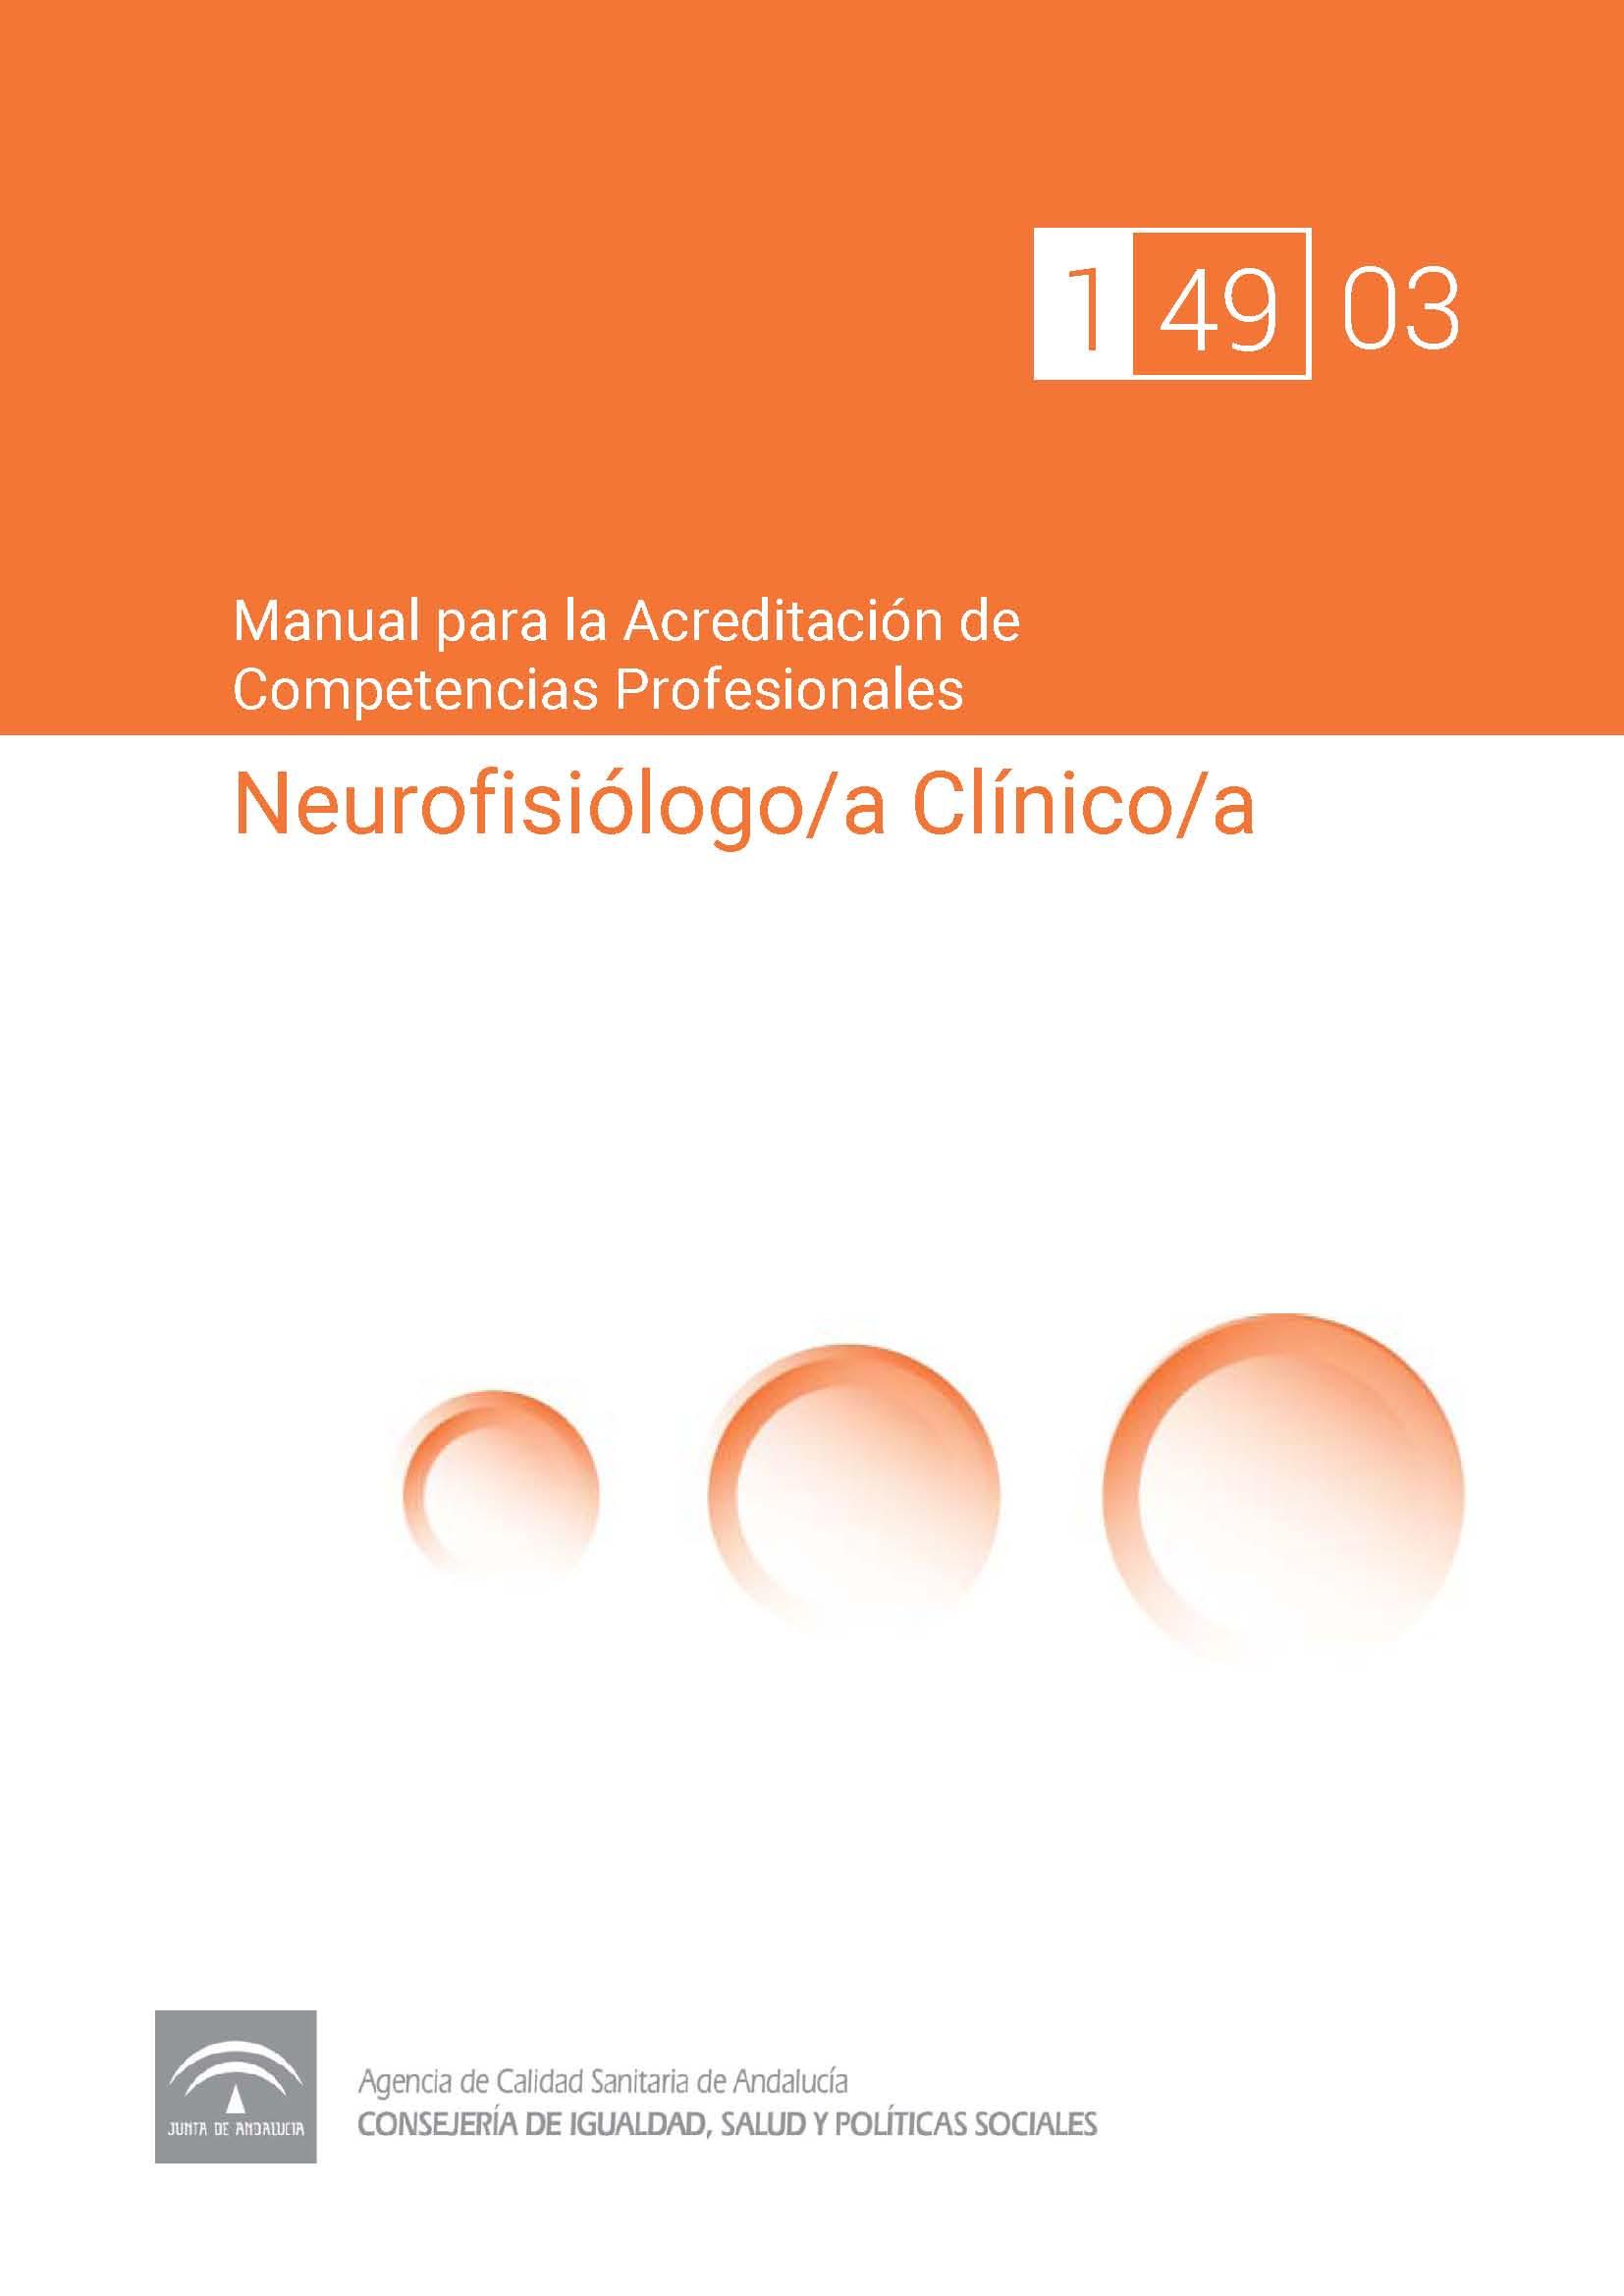 Manual de competencias profesionales del/de la Neurofisiólogo/a Clínico/a